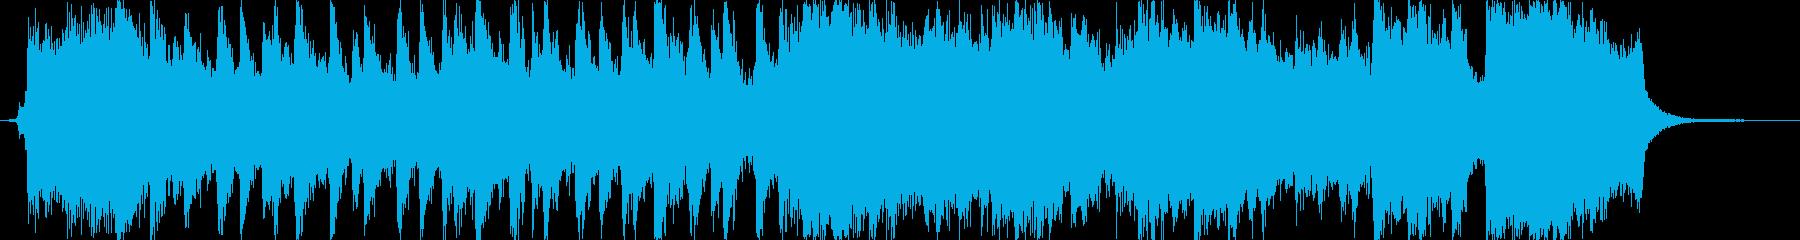 希望に満ちたオーケストラジングル。の再生済みの波形